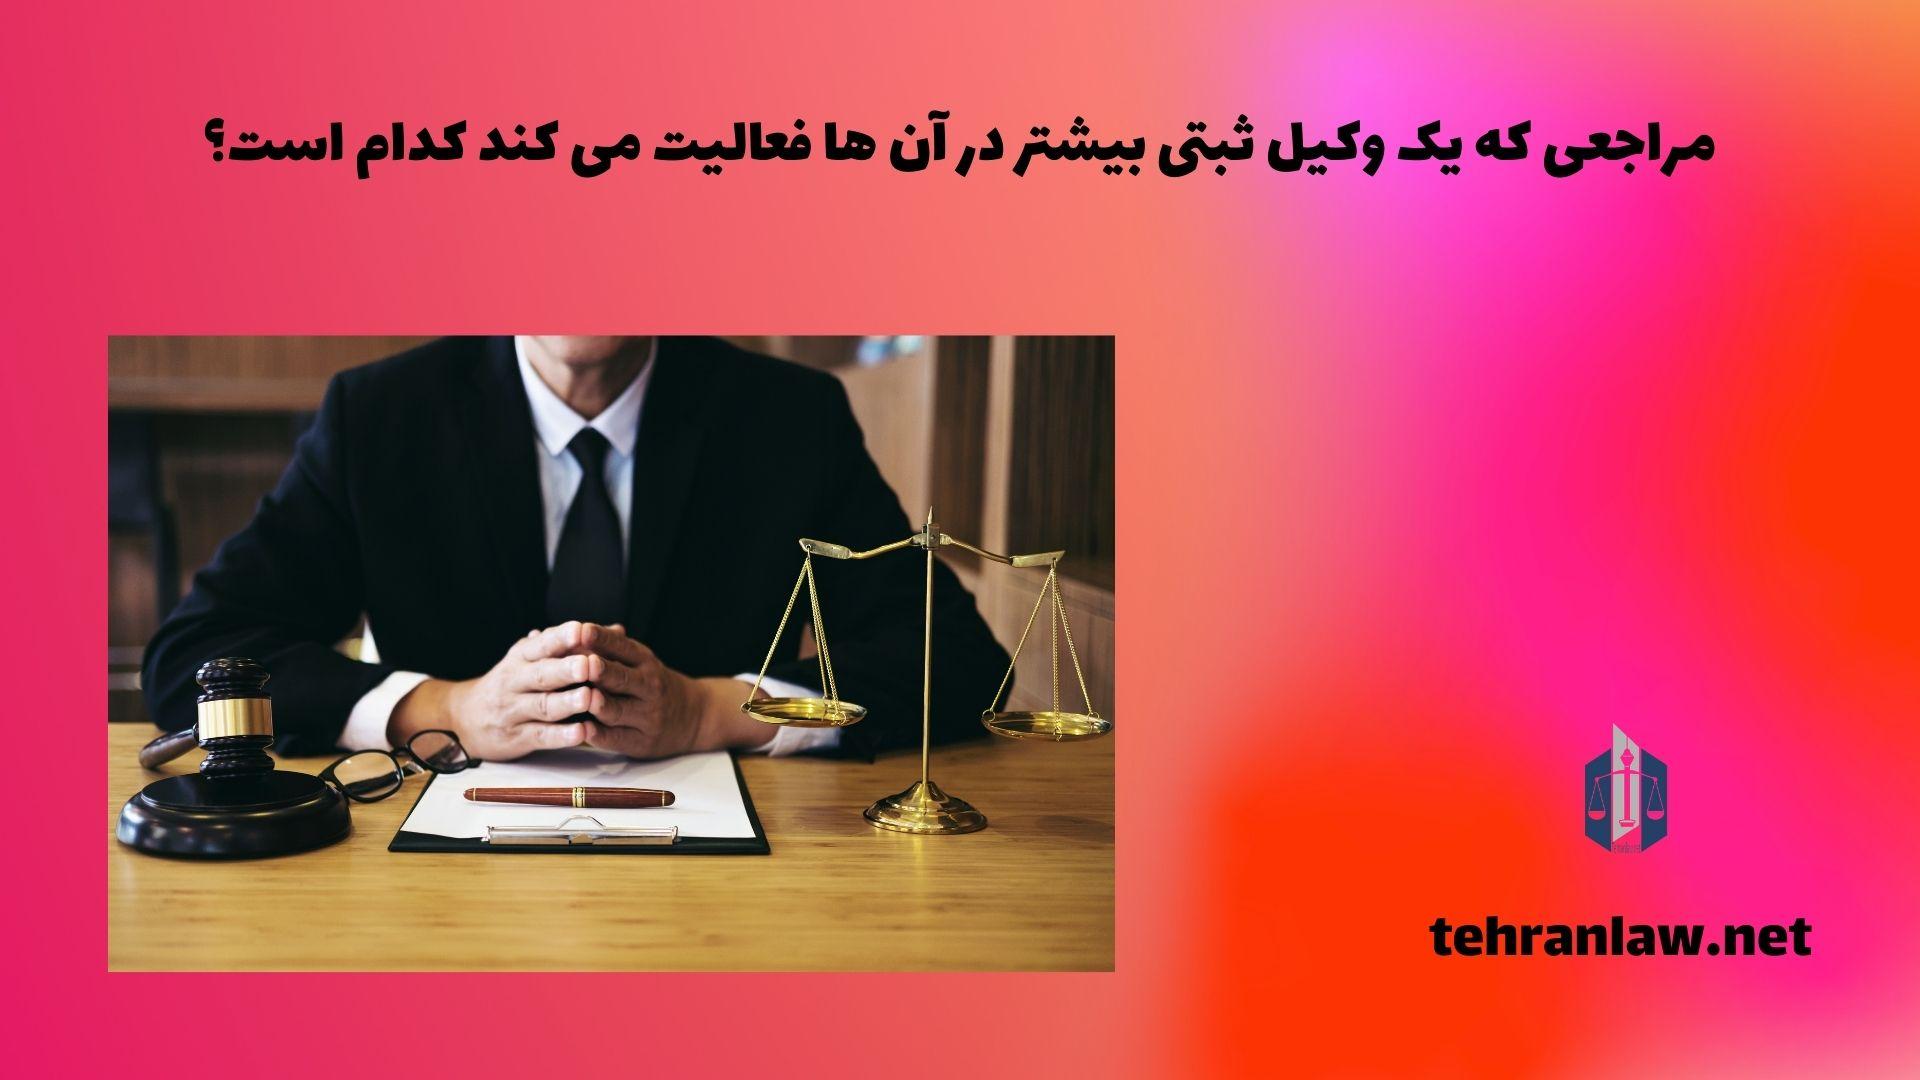 مراجعی که یک وکیل ثبتی بیشتر در آن ها فعالیت می کند، کدام است؟